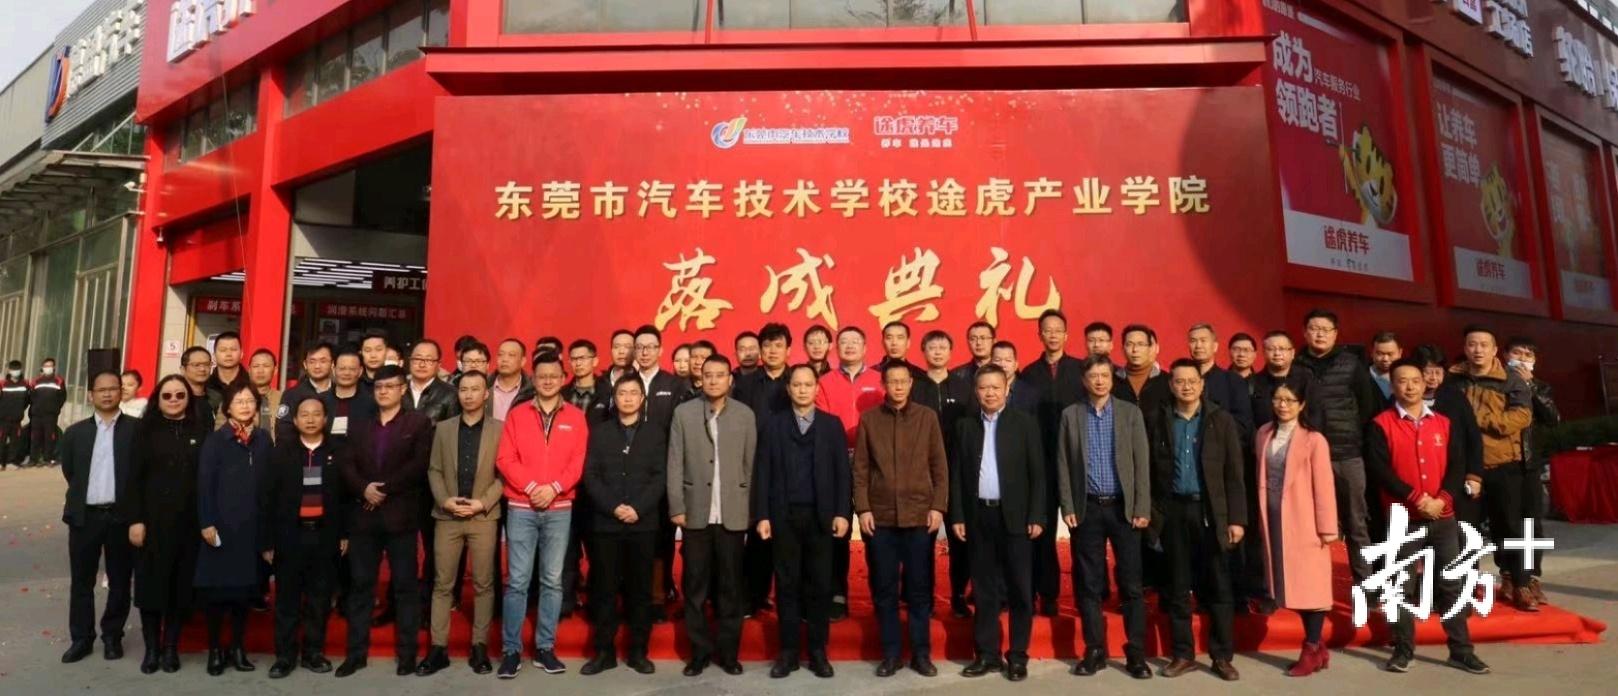 东莞市汽车技术学校联手名企建产学融合基地